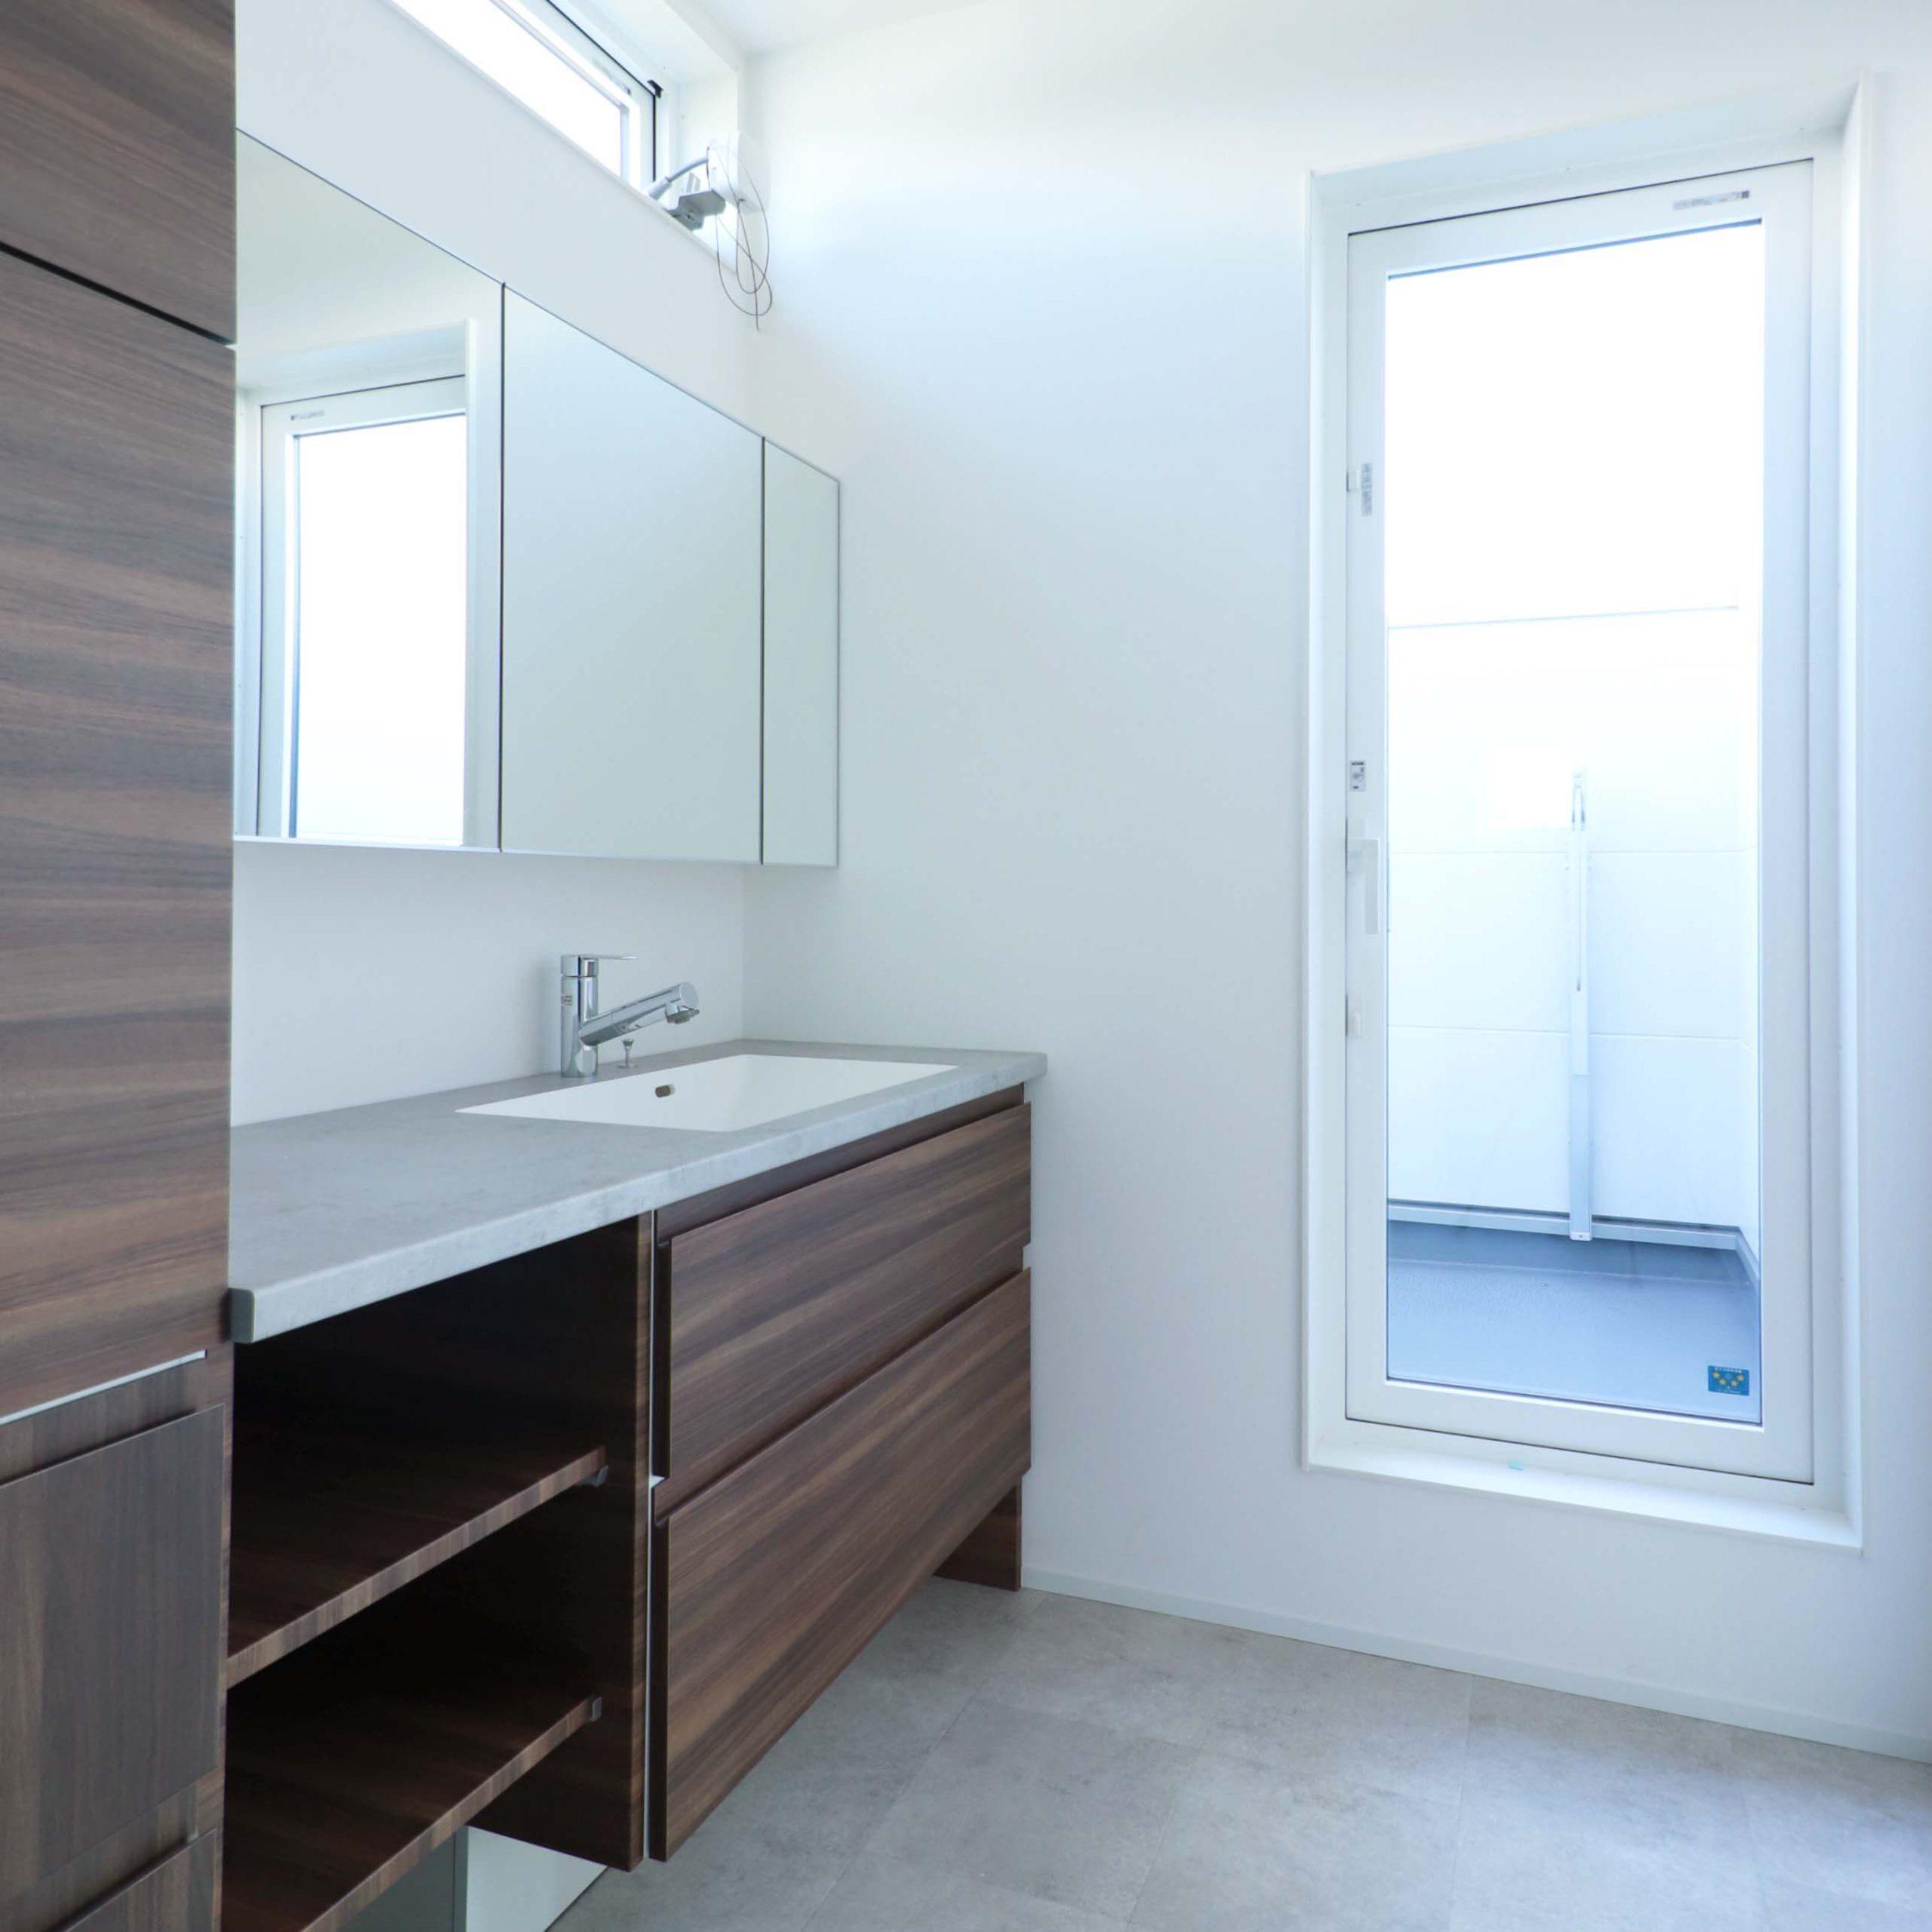 シンプルモダンな注文住宅の完成見学会の洗面台